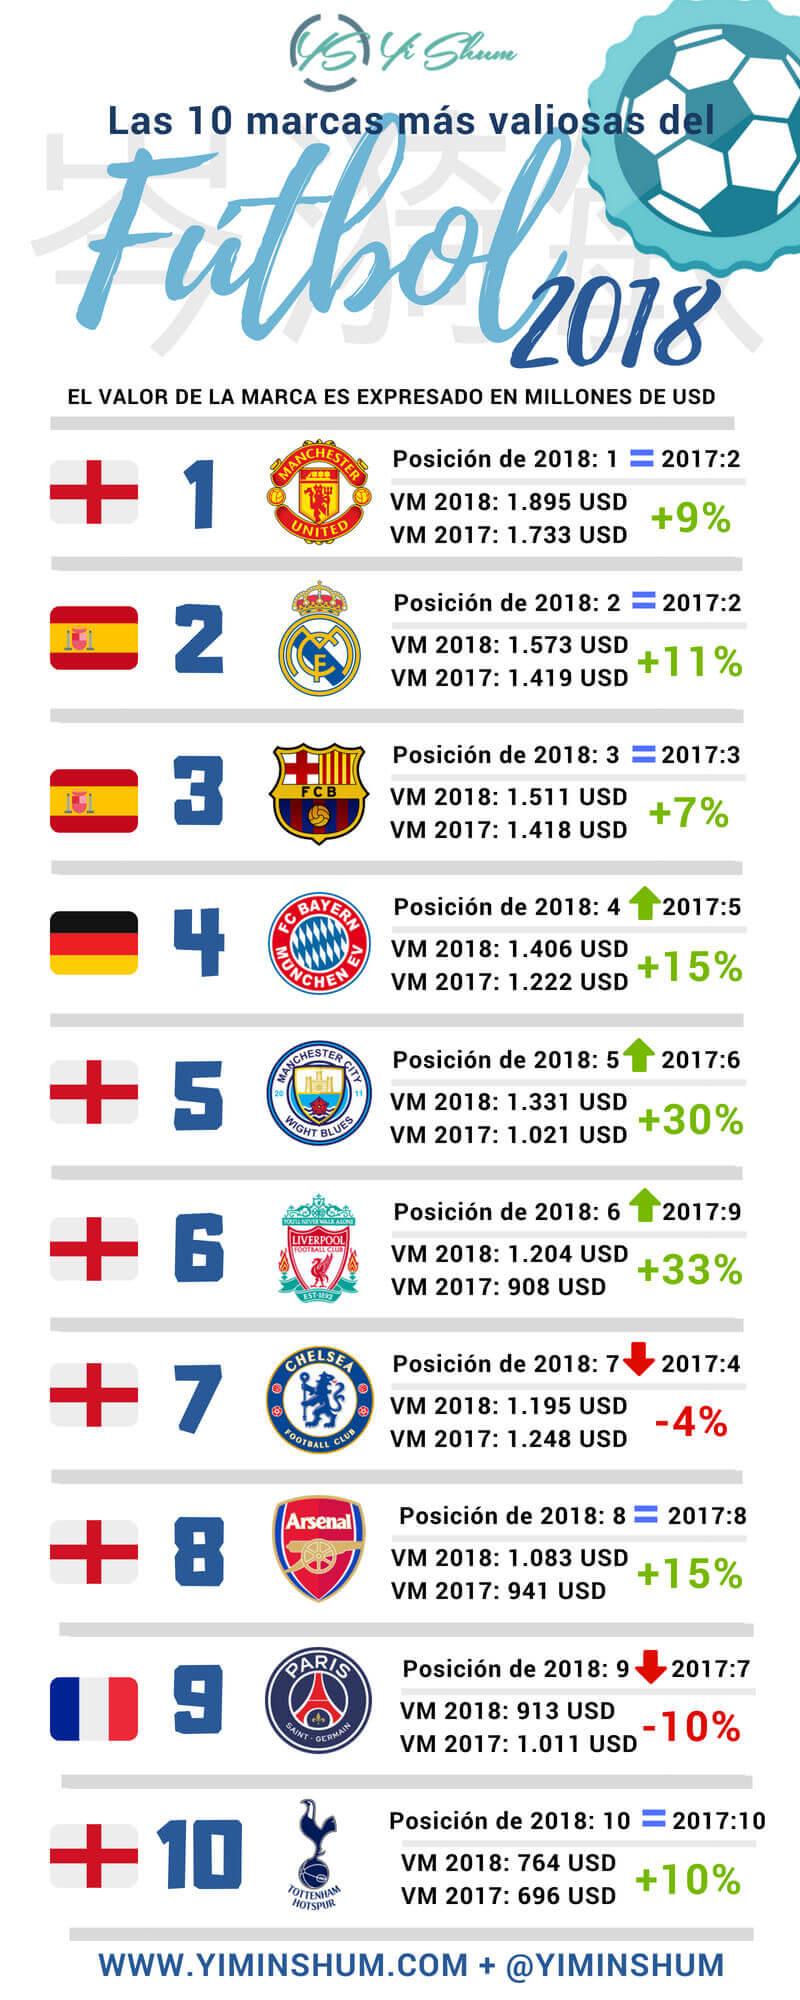 Las marcas de fútbol más valiosas del mundo de 2018 infografía